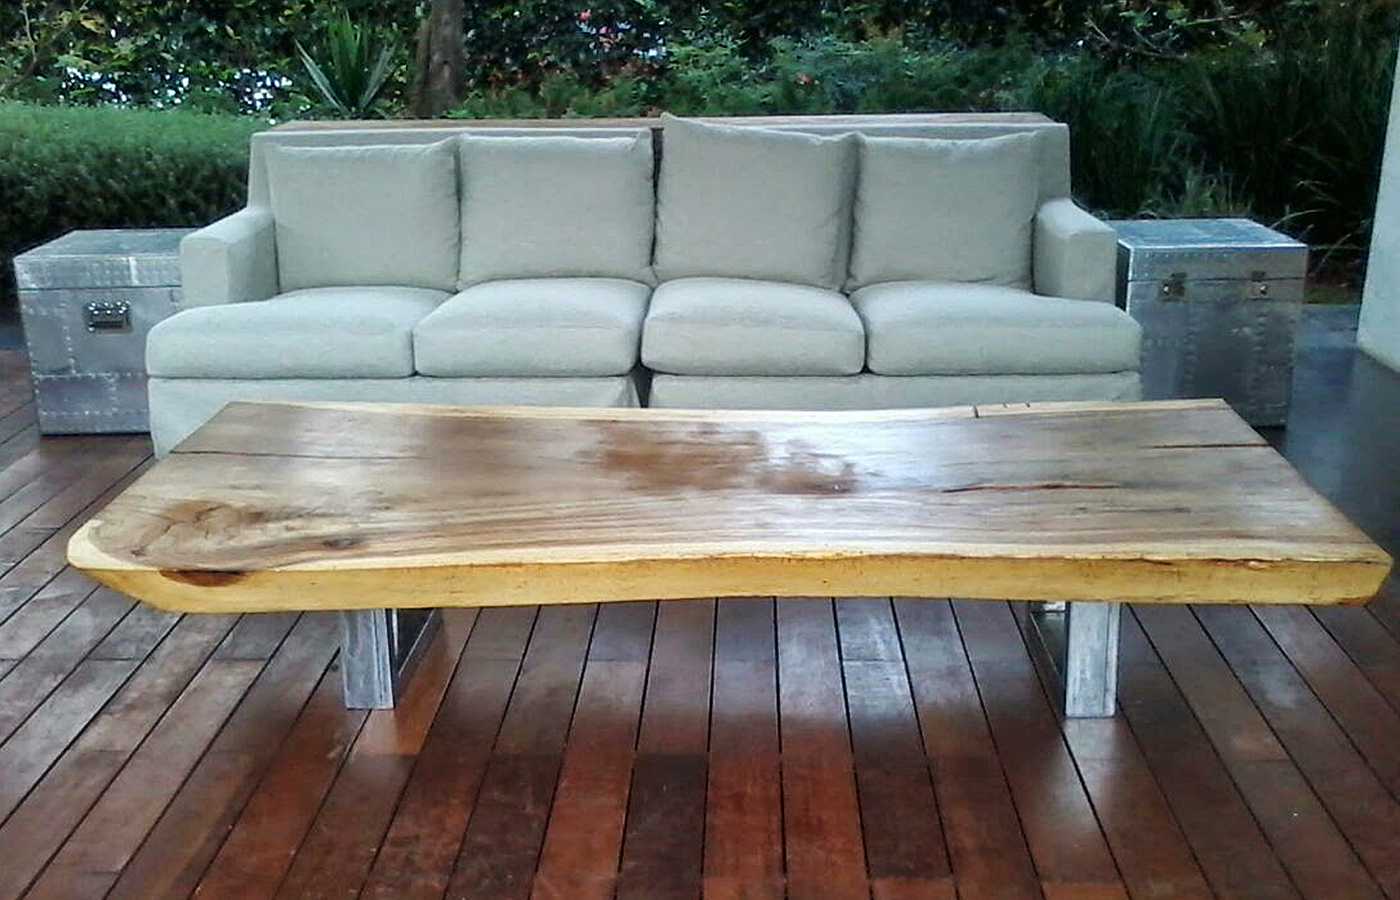 Muebles de exterior de madera parota finos y artesanales - Muebles para terrazas exteriores ...